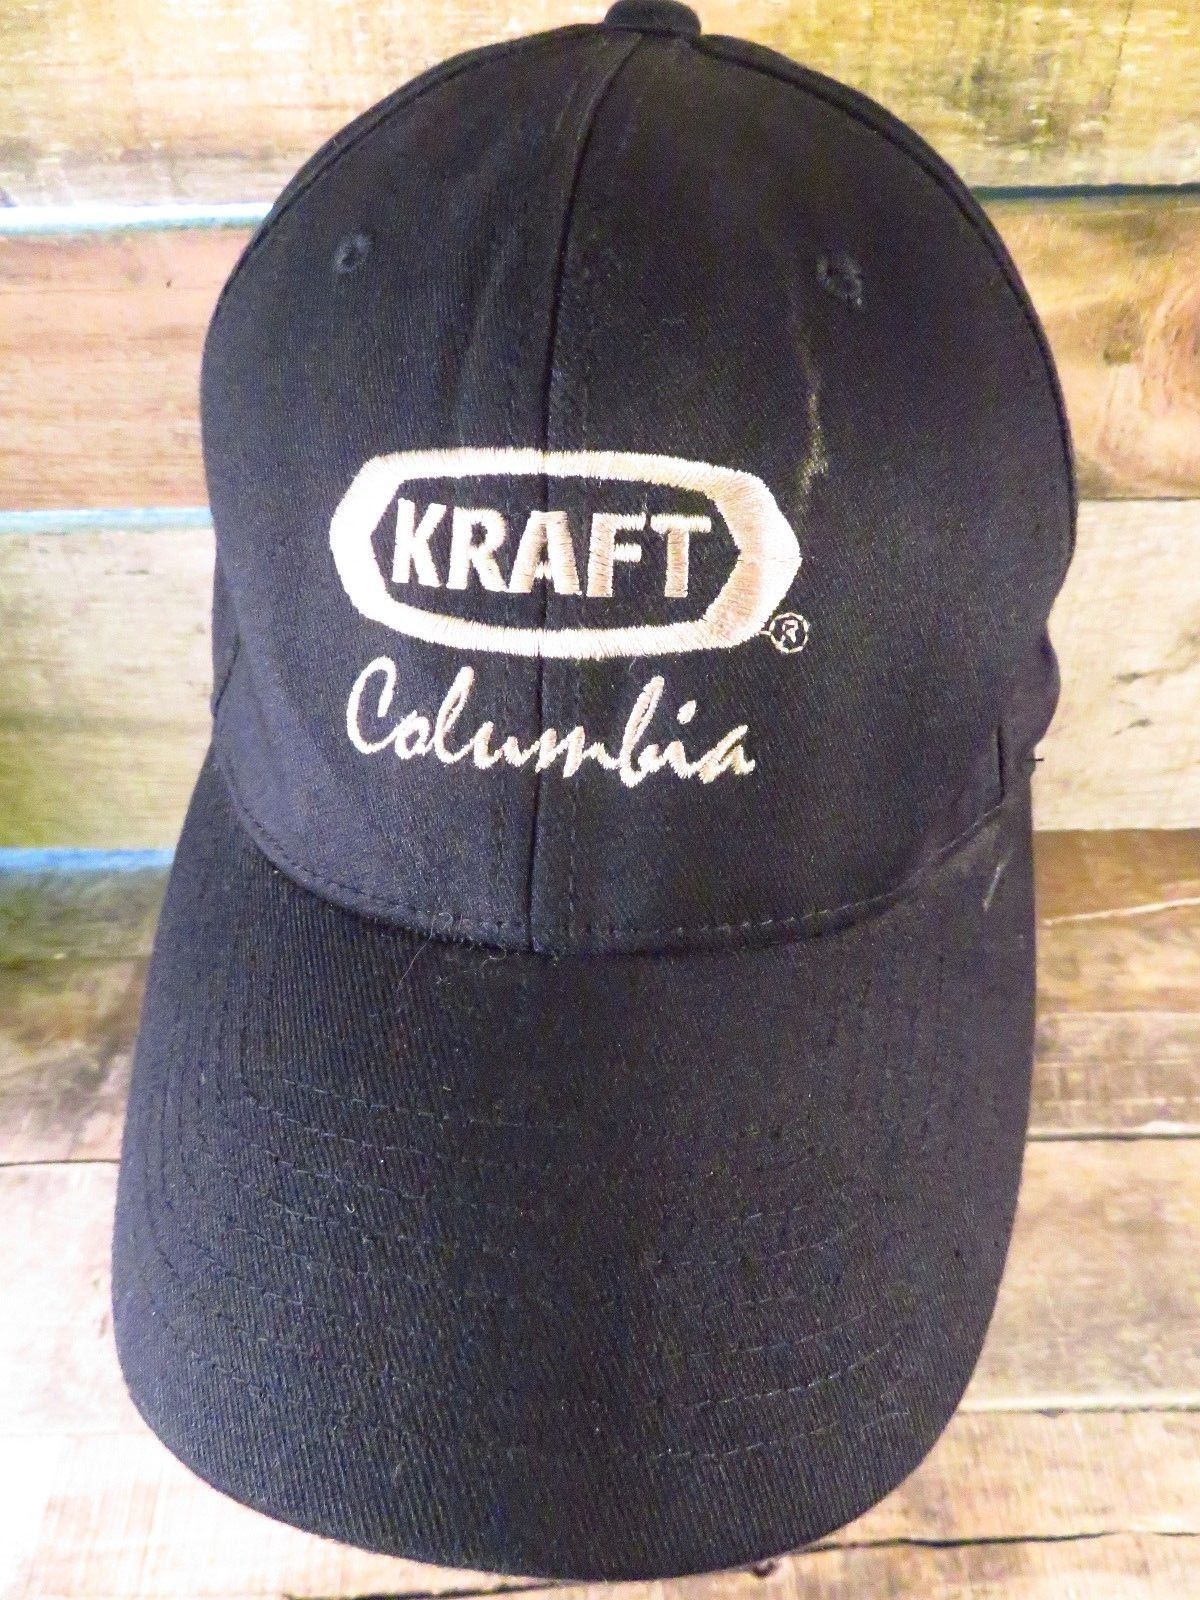 Kraft Columbia Oscar Mayer Flexfit Angepasst Erwachsene Hut Kappe